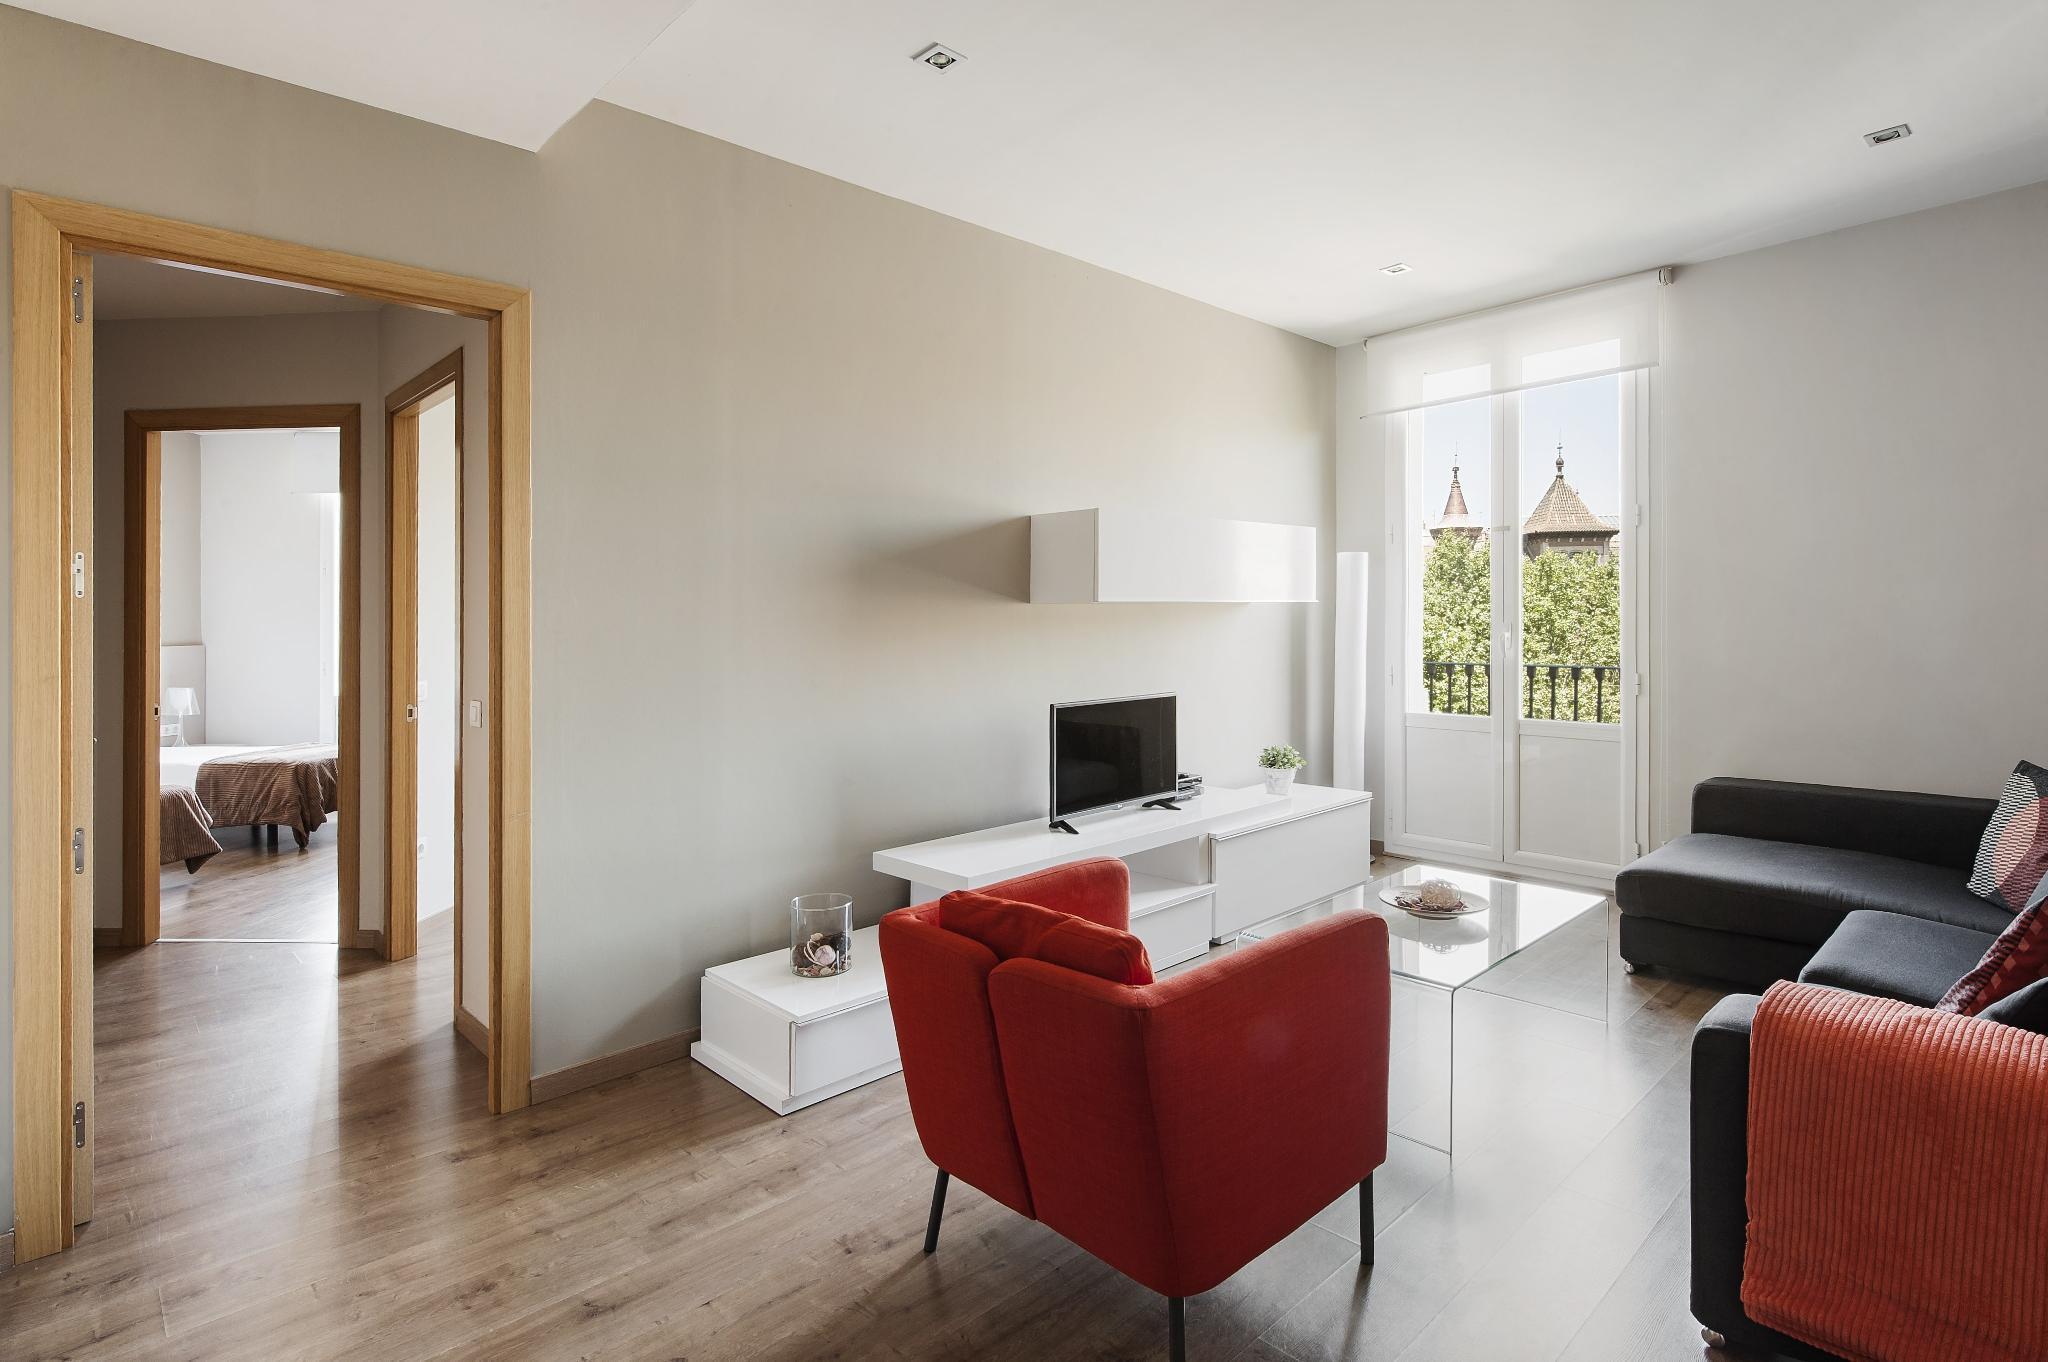 Arago312 Apartments